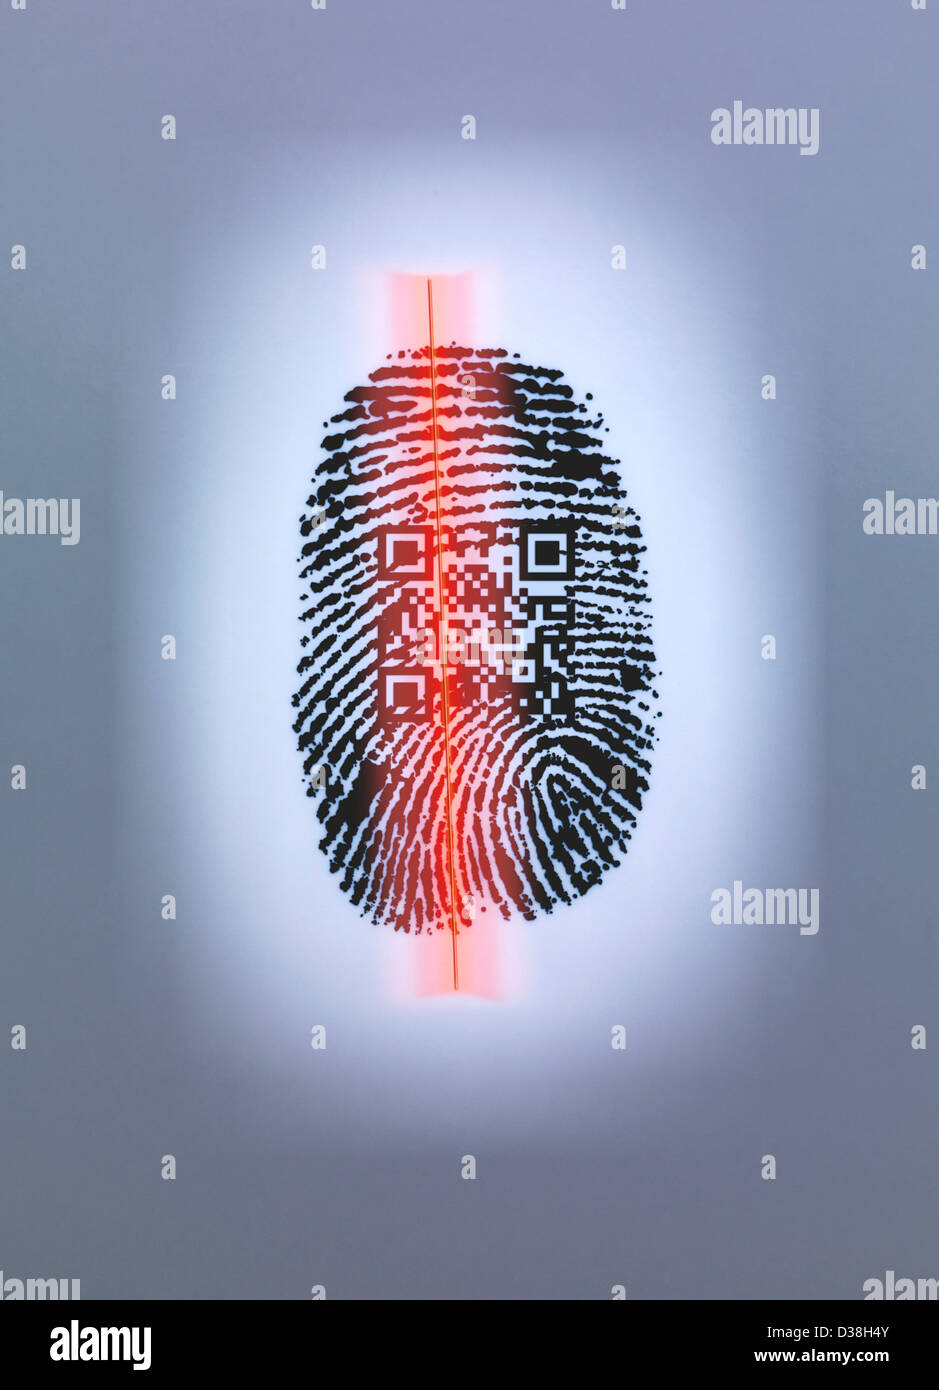 Impronte digitali e il codice QR nello scanner Immagini Stock